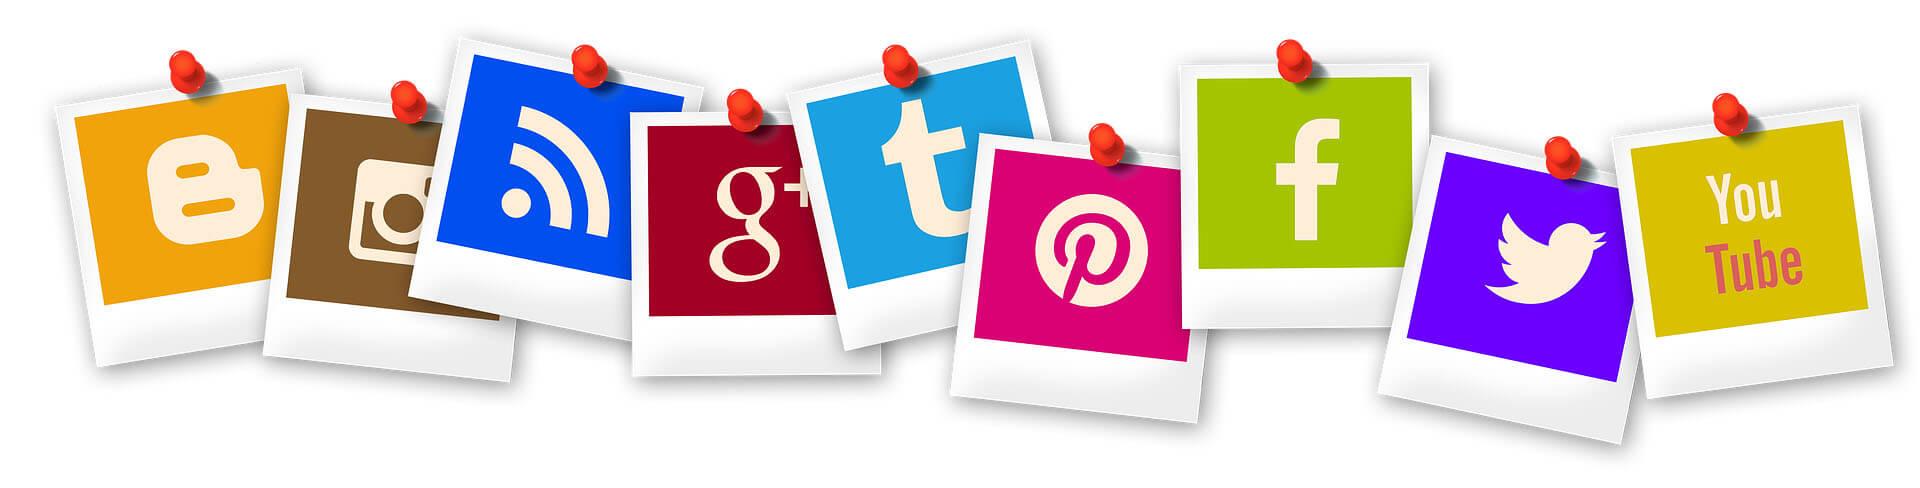 Social Media Marketing Erfolg - Welche Plattform